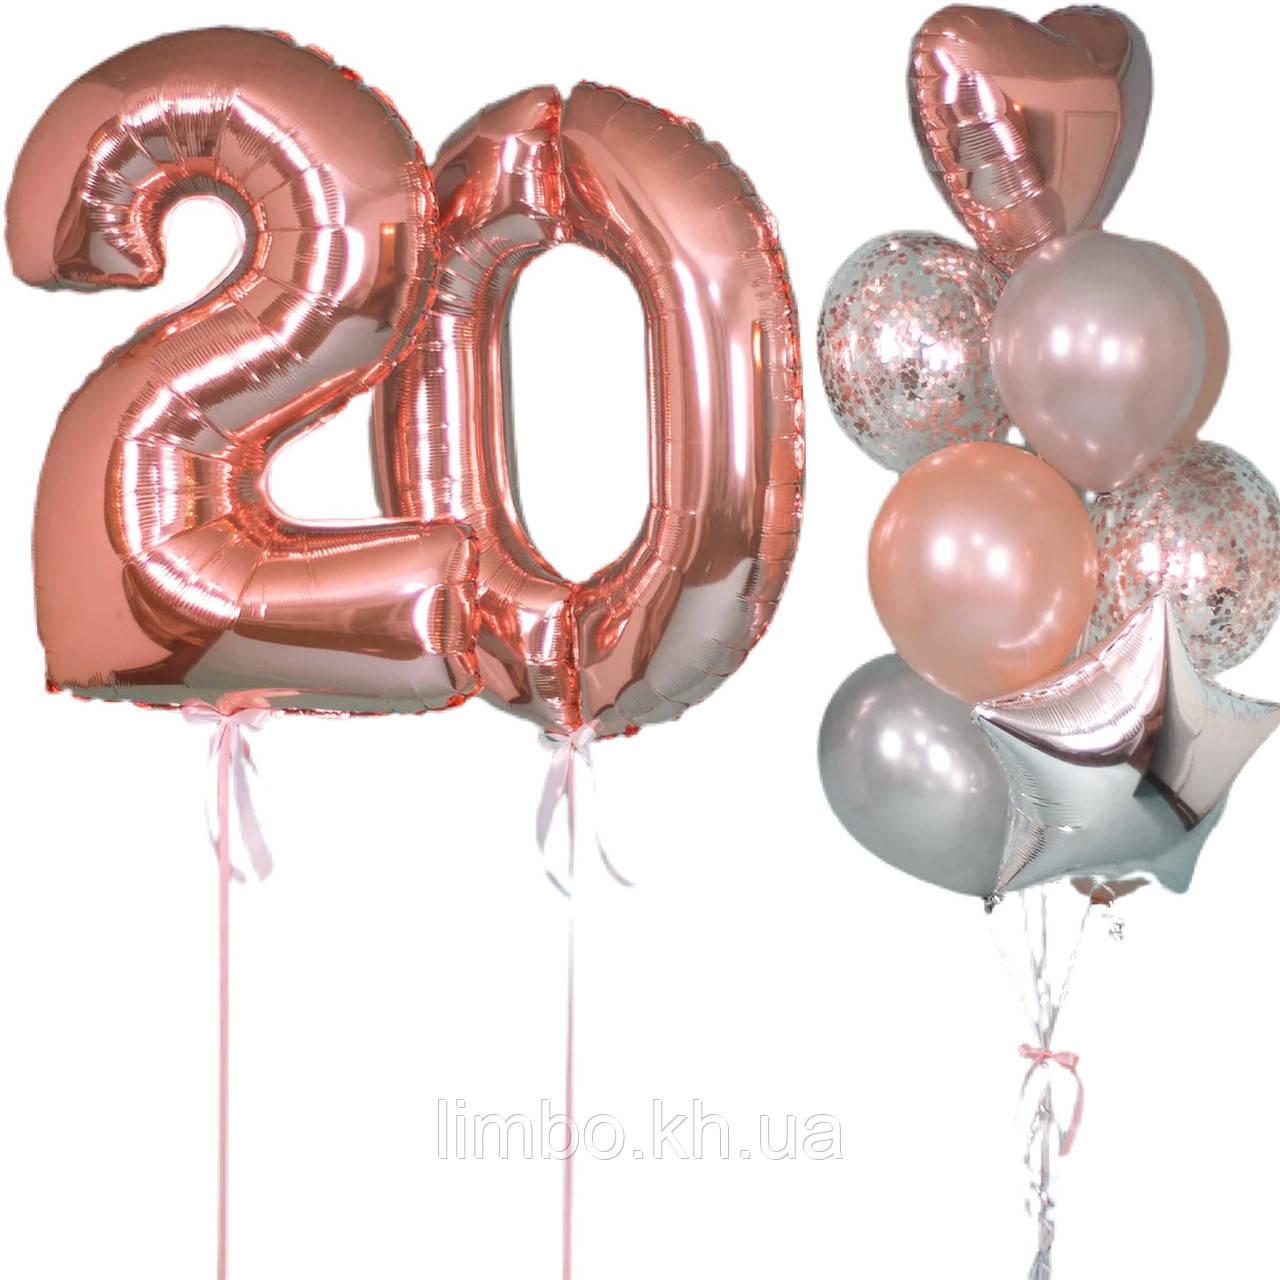 Надувные цифры на день рождения и связка в розовом золоте